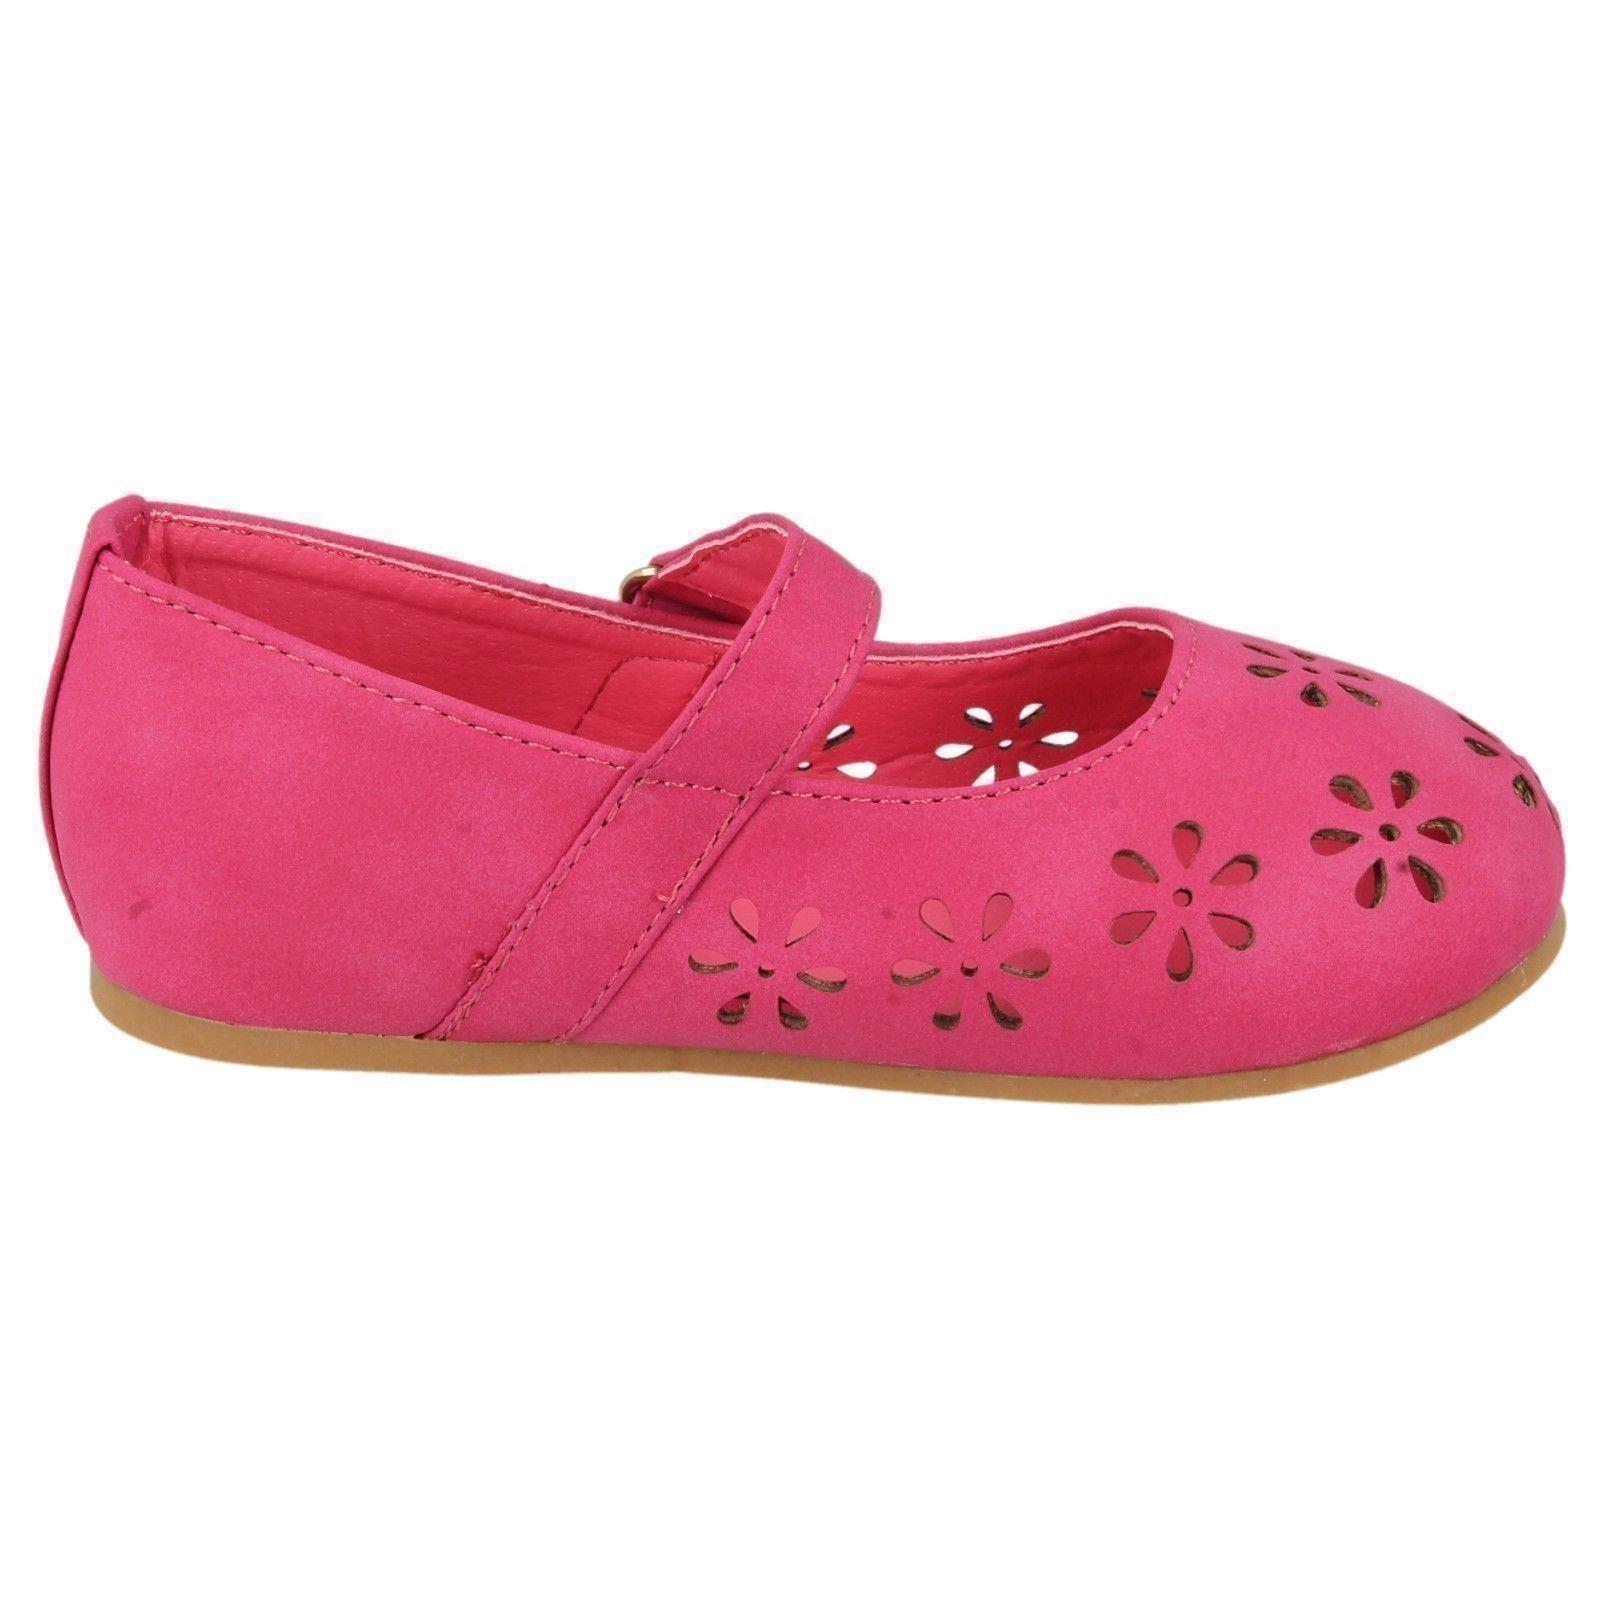 Girls In situ en los zapatos el estilo-h2300